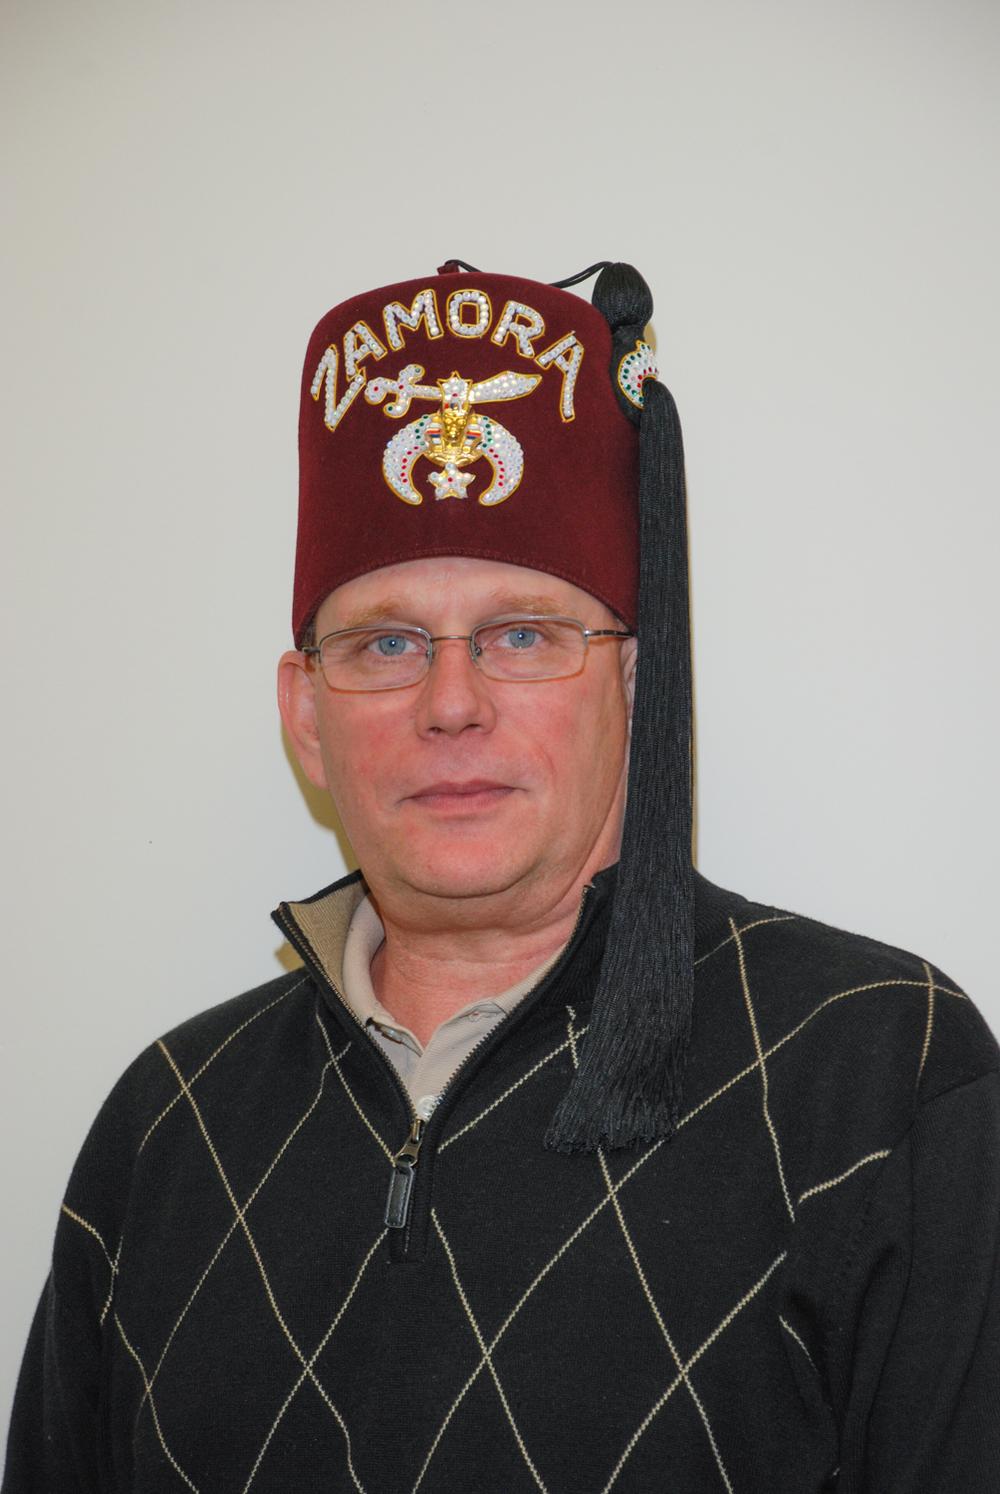 John Wade  Past Master Mt Pisnon #495  Dual Member Locust Fork Lodge  Member York Rite